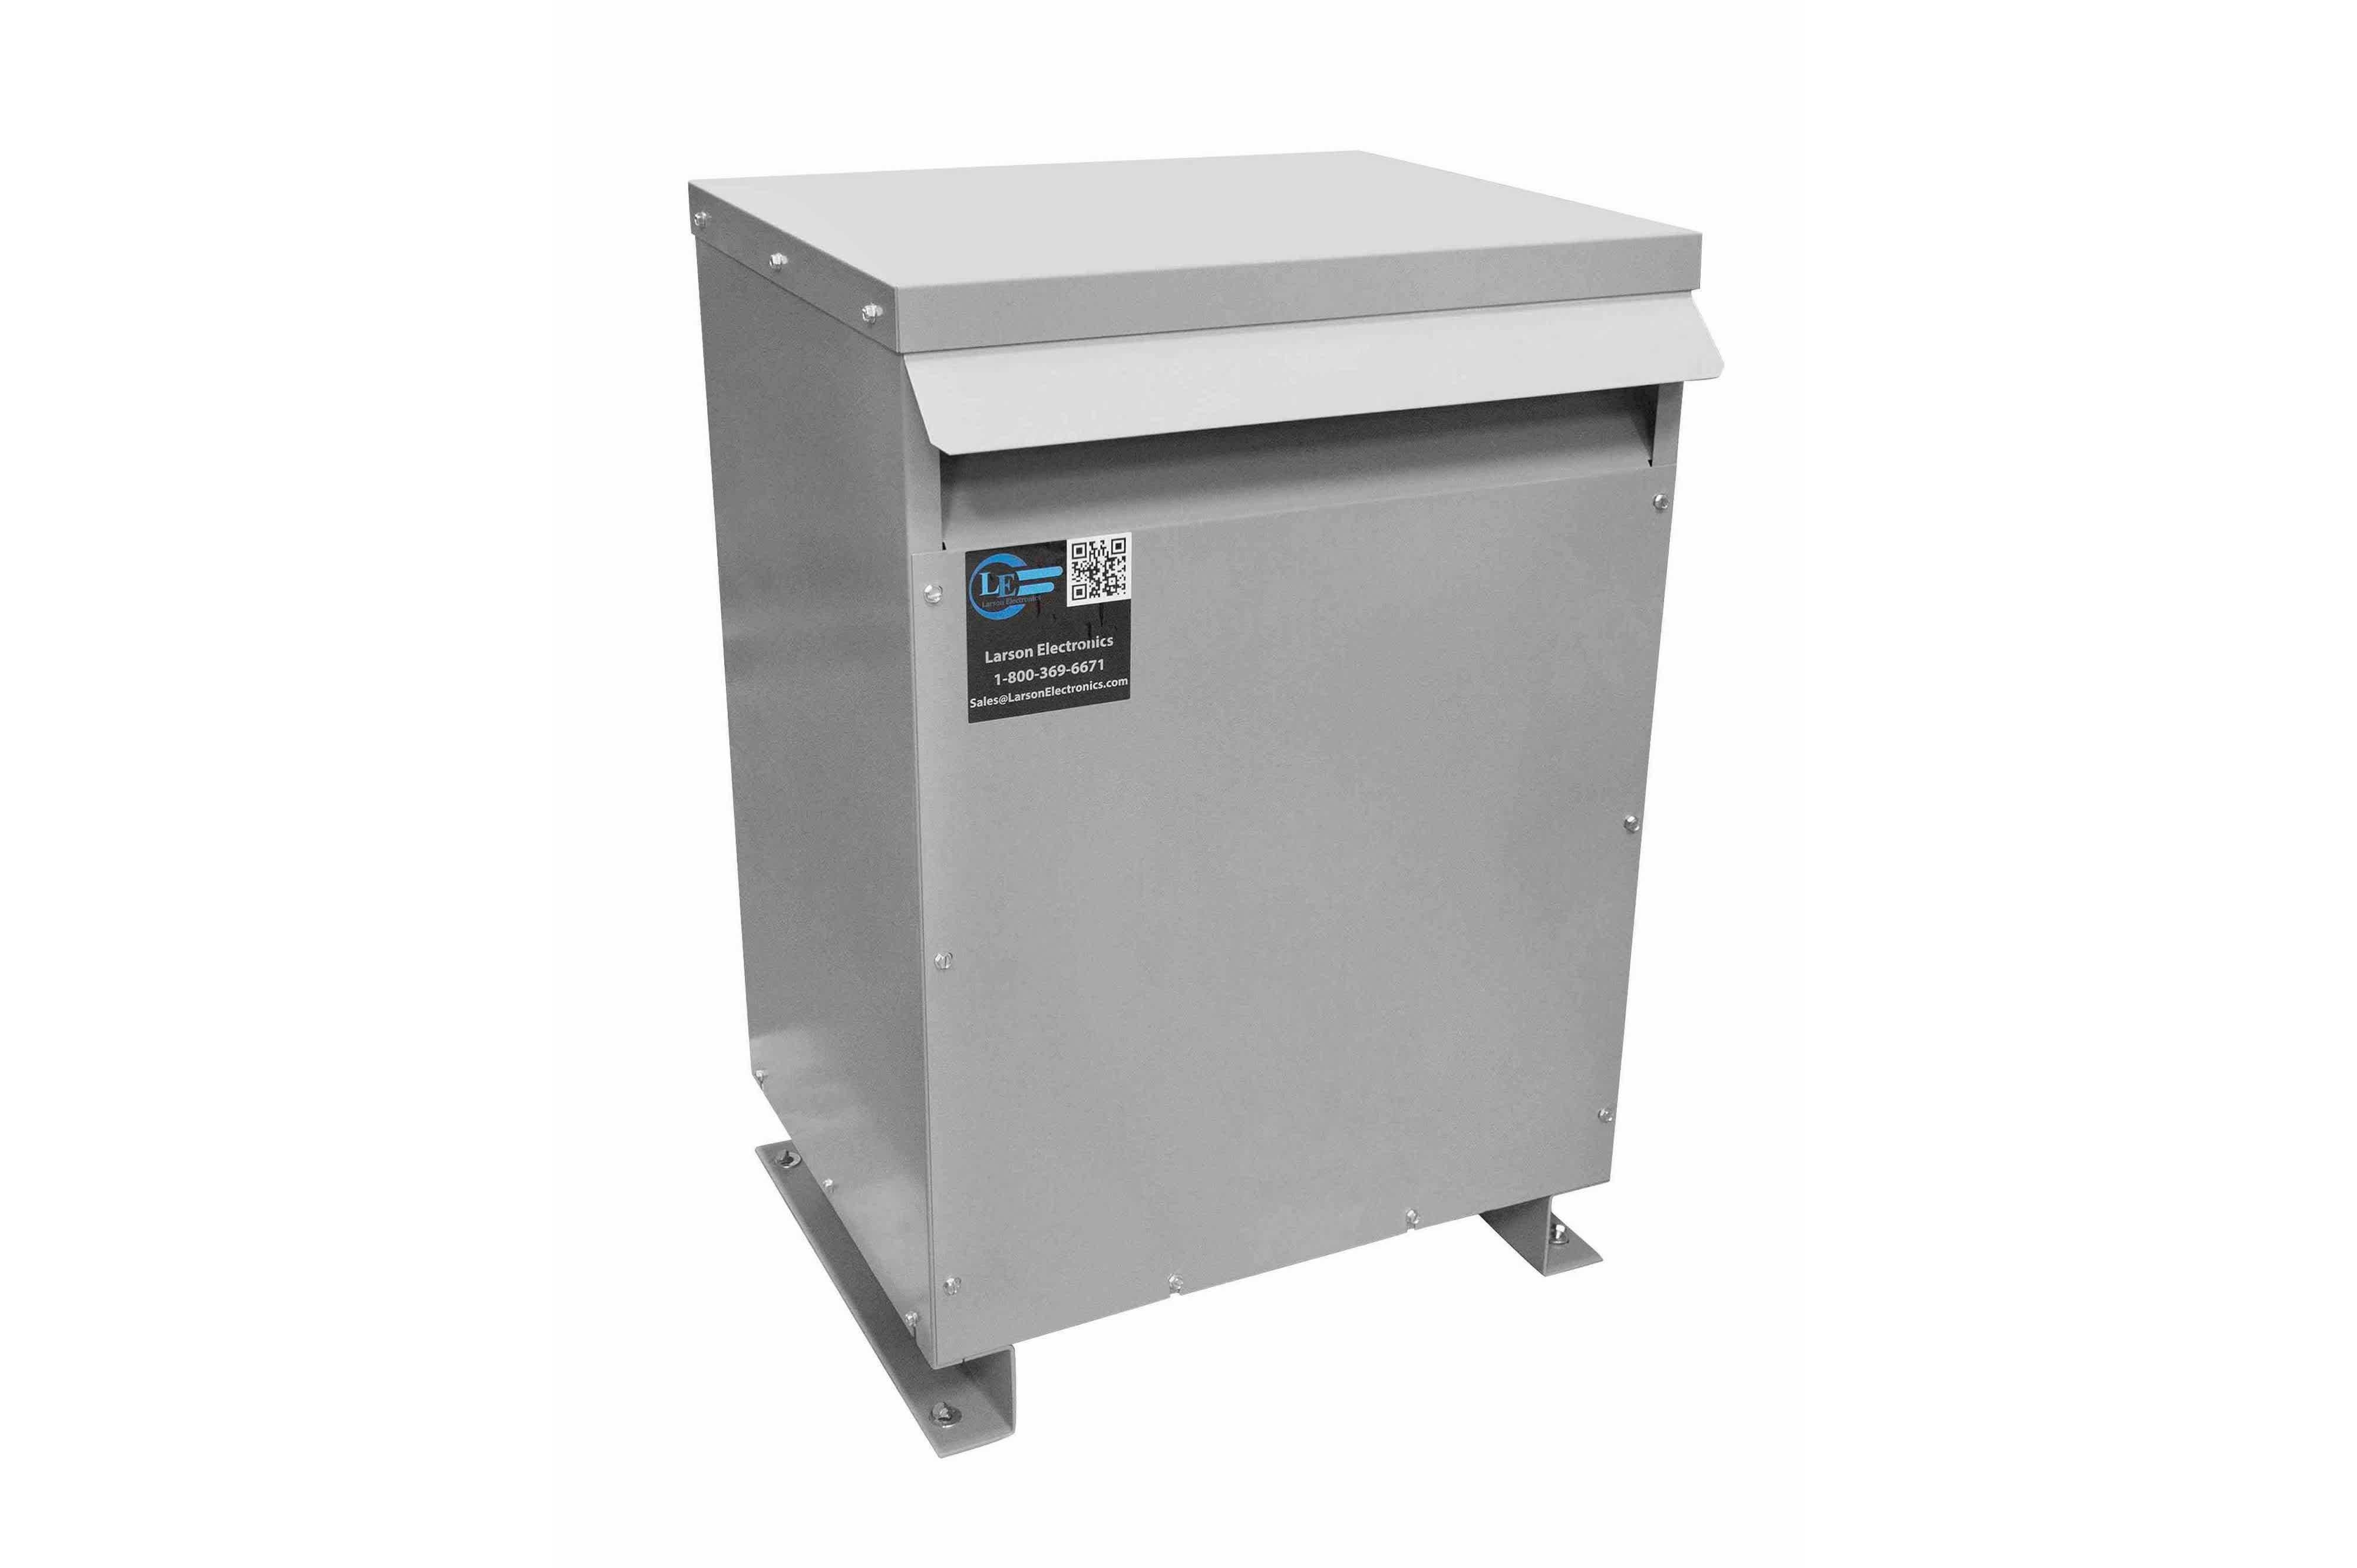 65 kVA 3PH Isolation Transformer, 415V Delta Primary, 600V Delta Secondary, N3R, Ventilated, 60 Hz